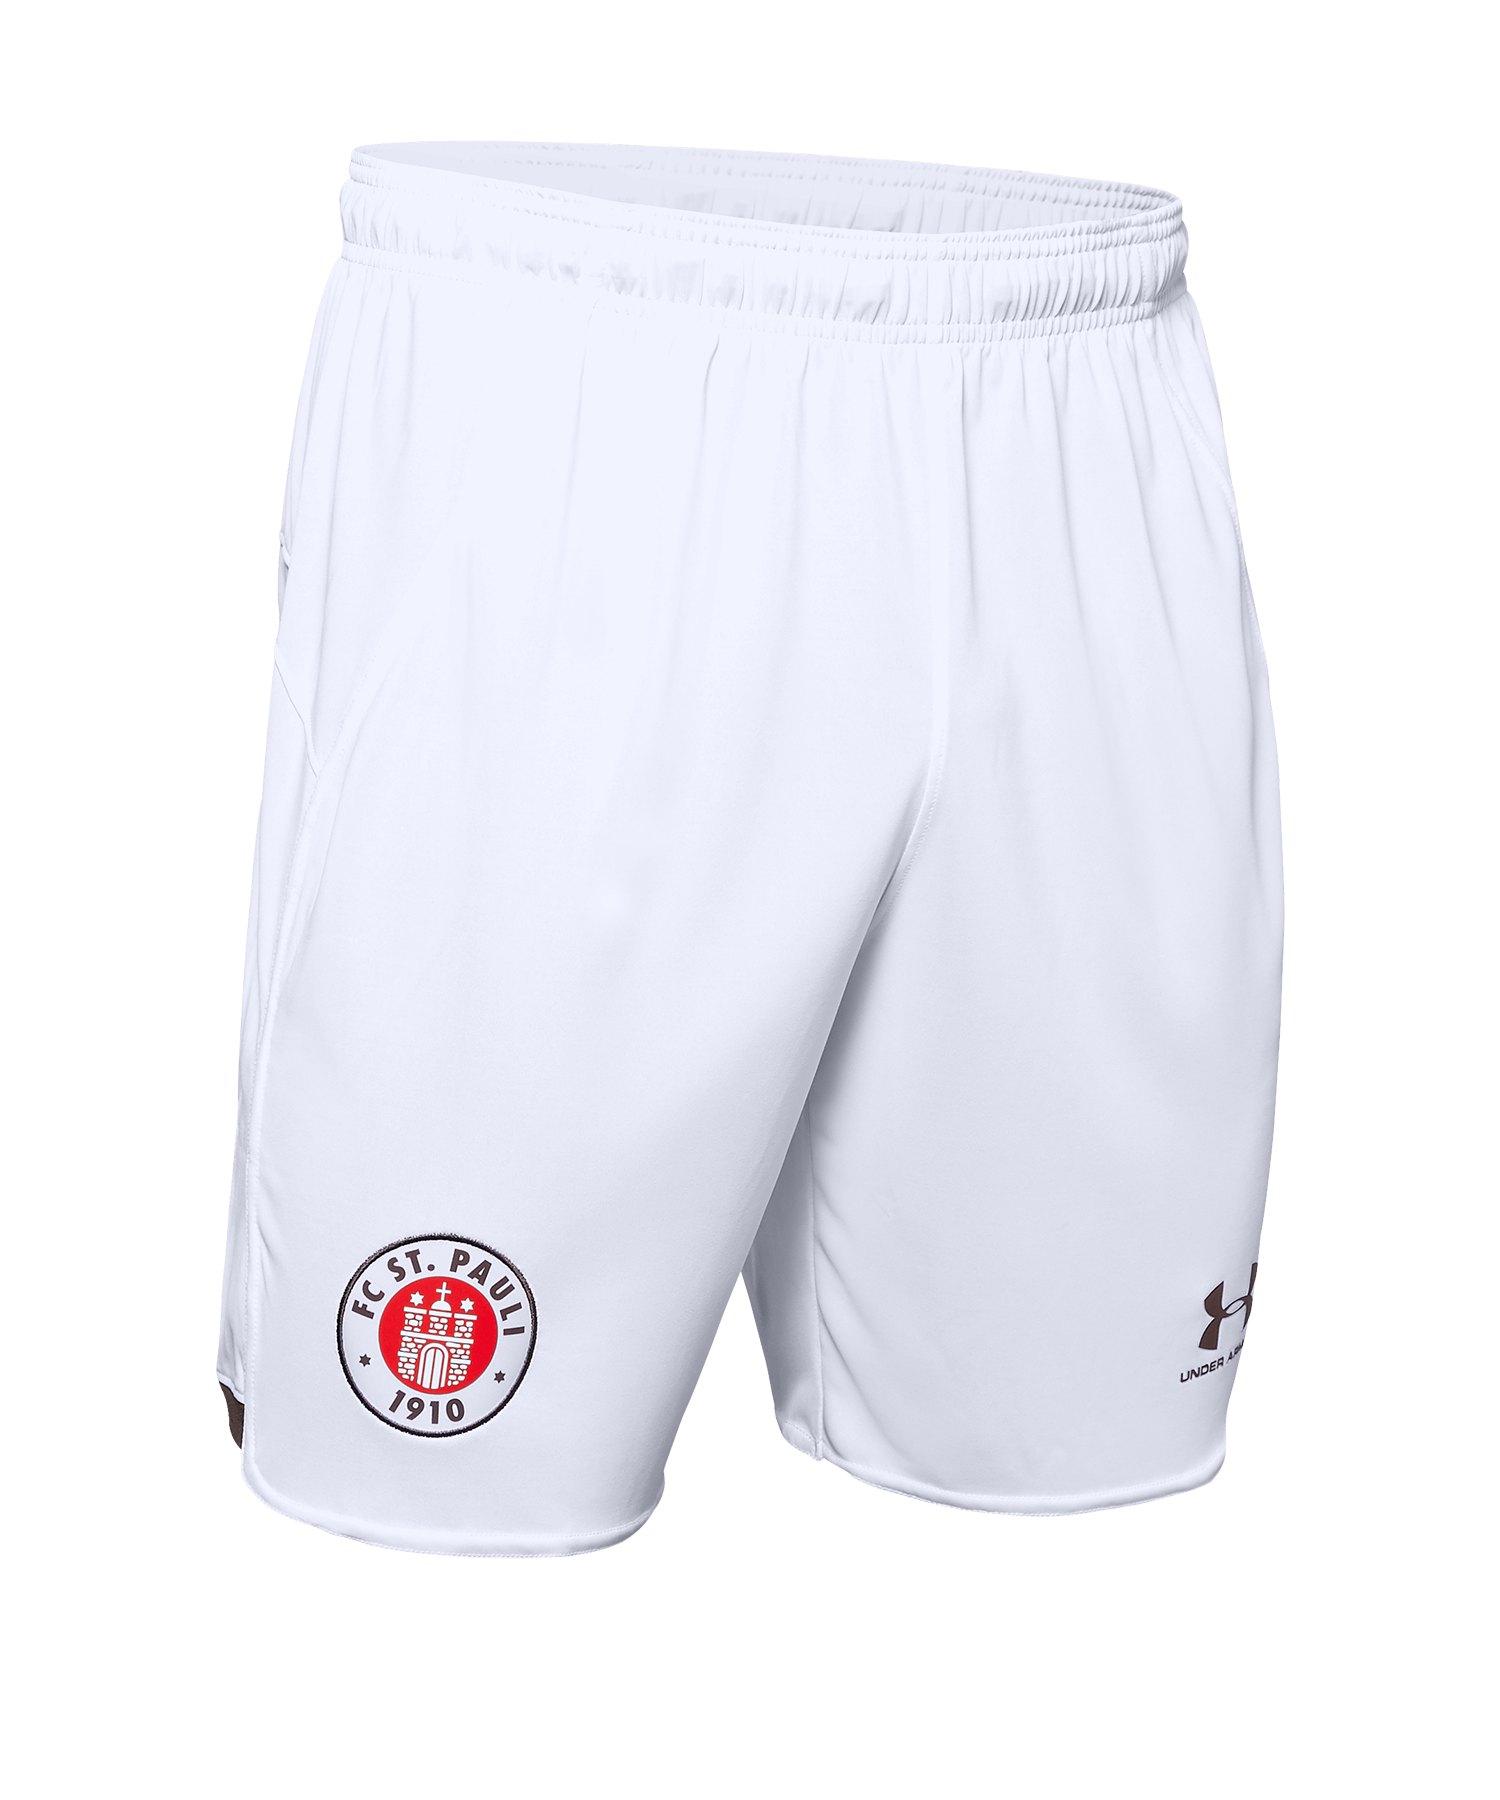 Under Armour St. Pauli Short Away 2019/2020 F105 - Weiss